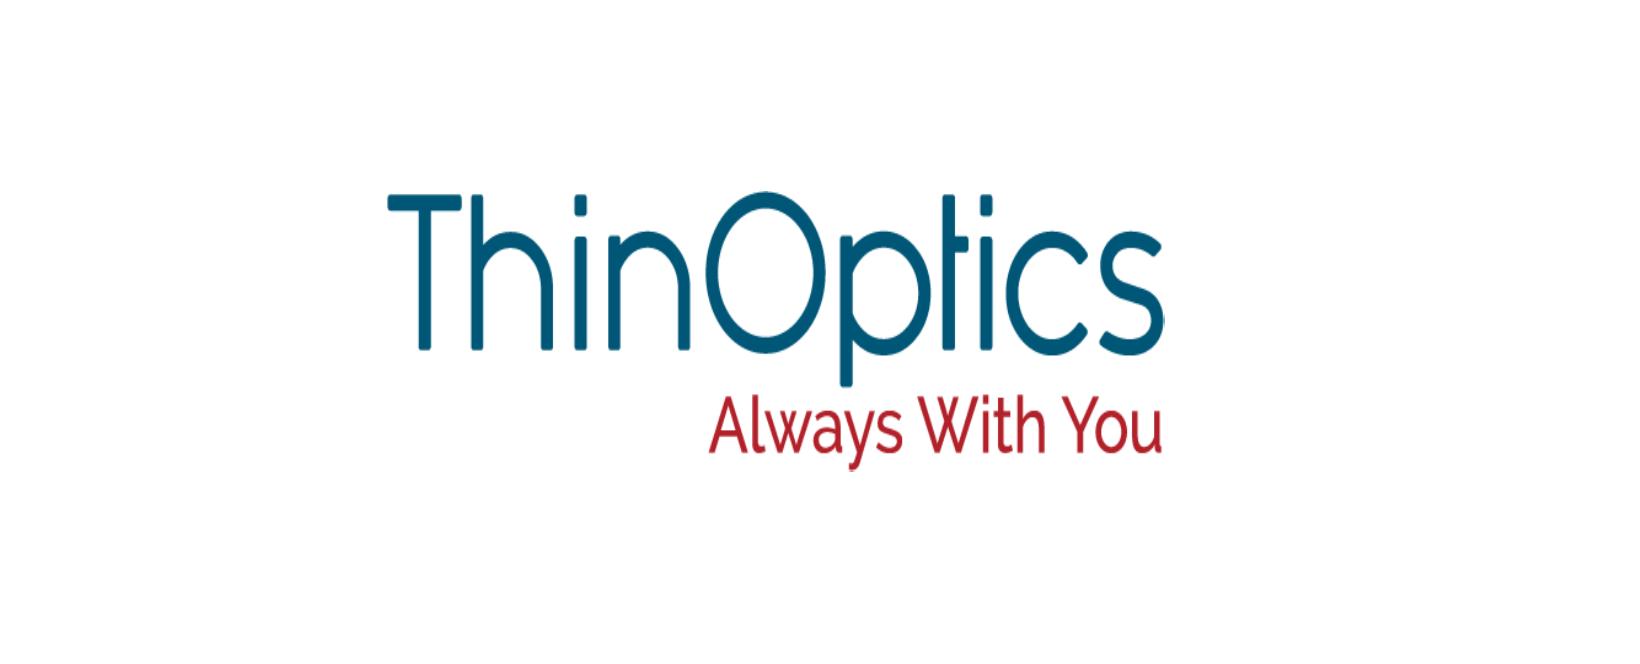 ThinOptics Coupon Code 2021